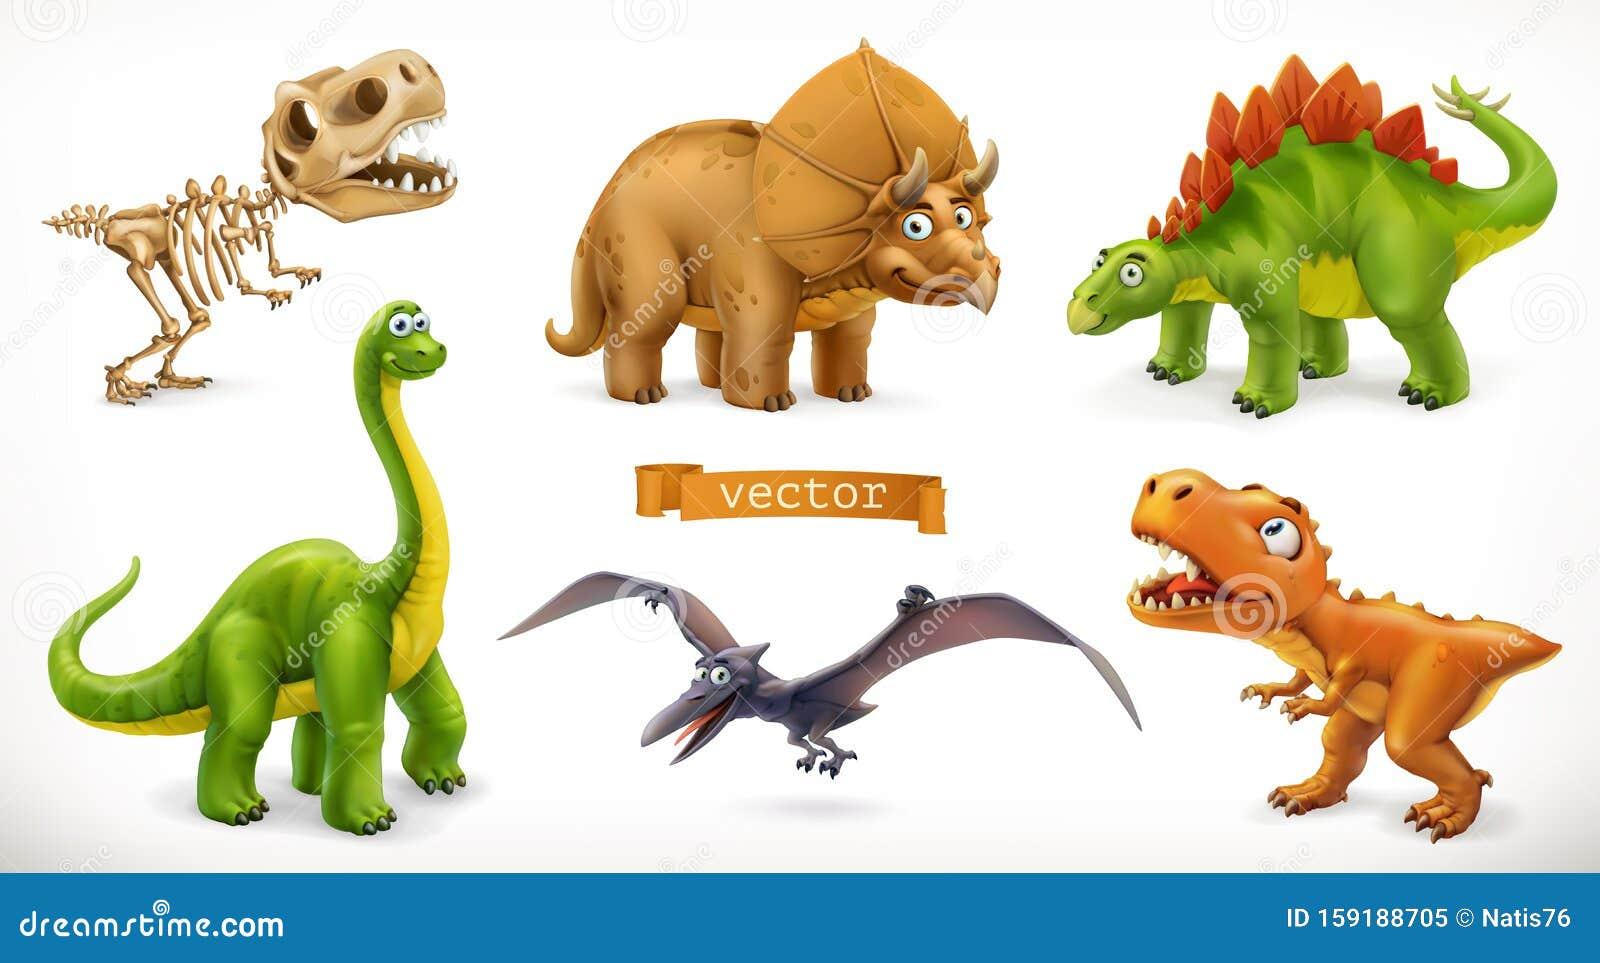 Caricatura De Dinosaurios Brachiosauro Pteroda Ctilo Tirannosauro Rex Esqueleto De Dinosaurio Triceratops Estegosauro Graci Ilustracion Del Vector Ilustracion De Dinosaurio Esqueleto 159188705 Los dinosaurios de juguete son nuestra pasión, comienza tu colección con un dinosaurio schleich elige el tuyo en nuestra selección de dinosaurios de juguete de marketlace, y adentrarte en un. caricatura de dinosaurios brachiosauro